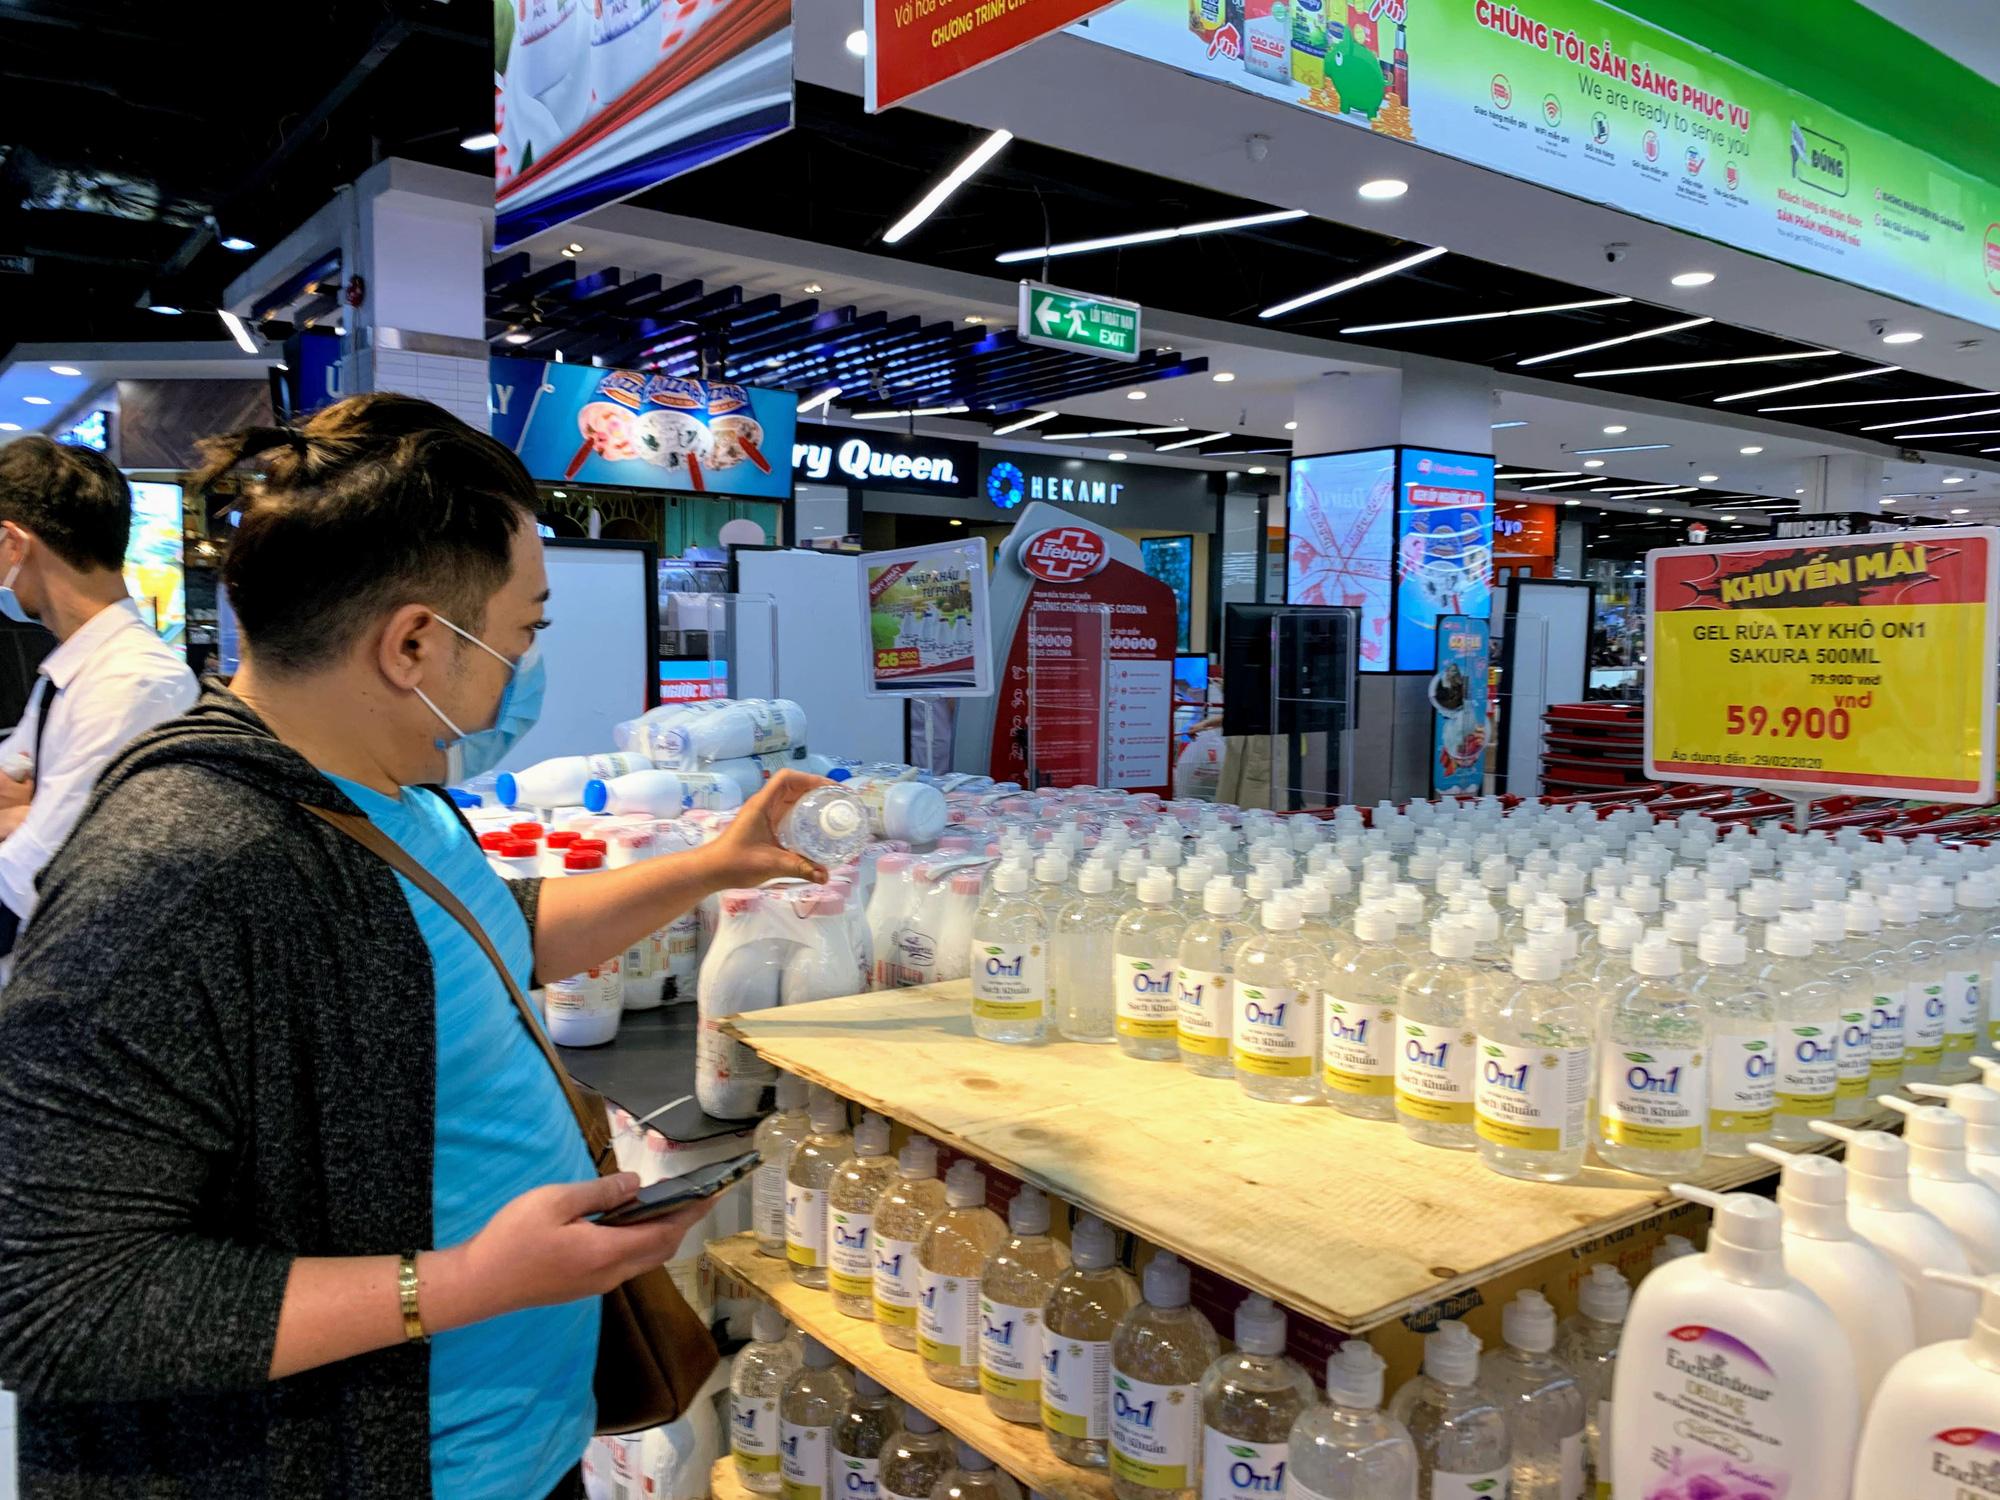 Ma trận nước rửa tay, gel sát khuẩn tại các siêu thị ở Hà Nội làm khó người tiêu dùng - Ảnh 10.